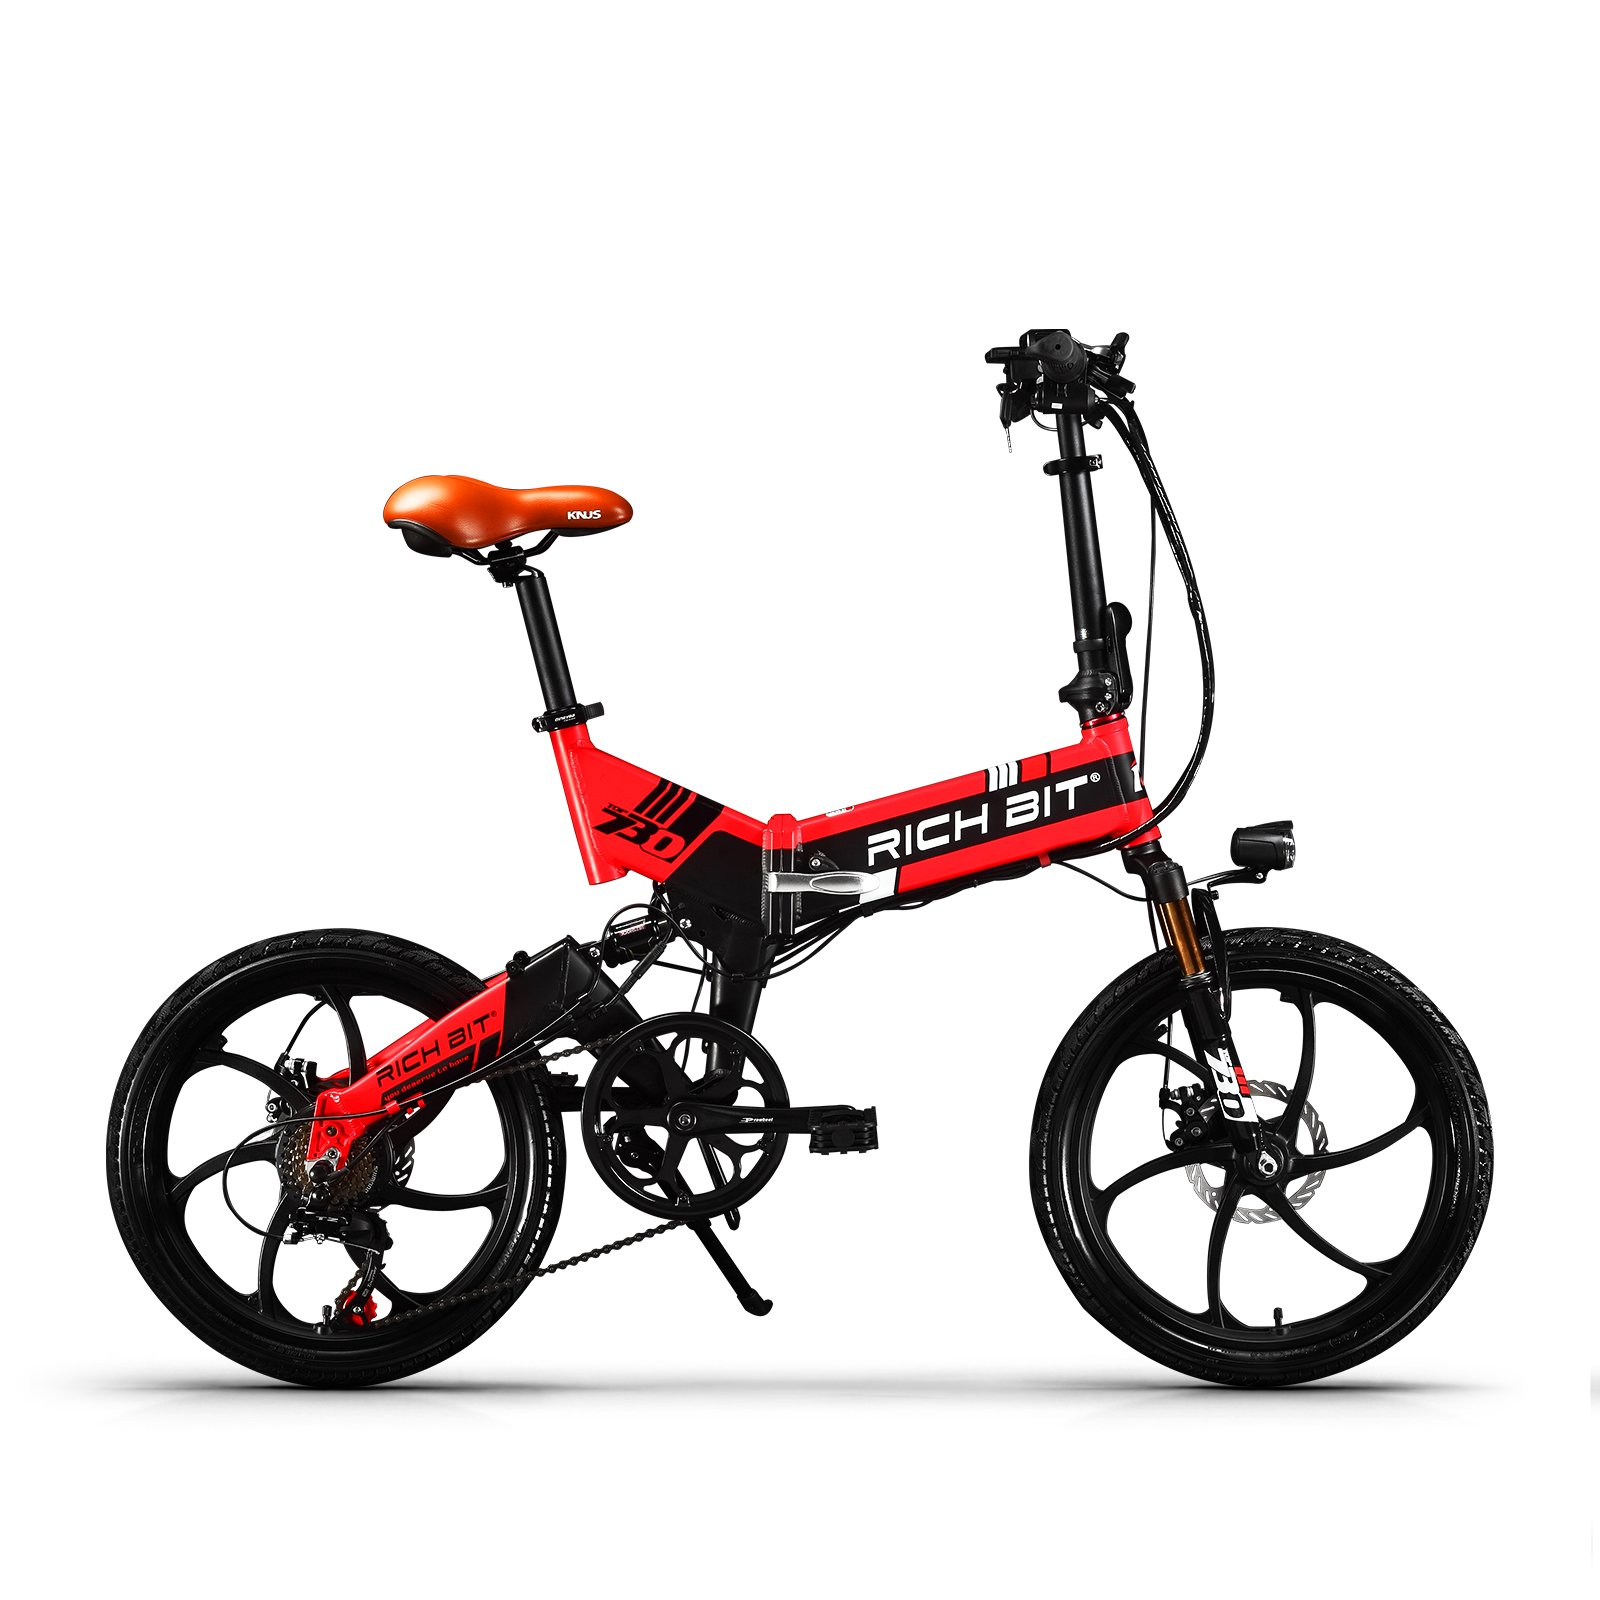 eBike_RICHBIT 730 Bici elettriche Pieghevole Bici ...